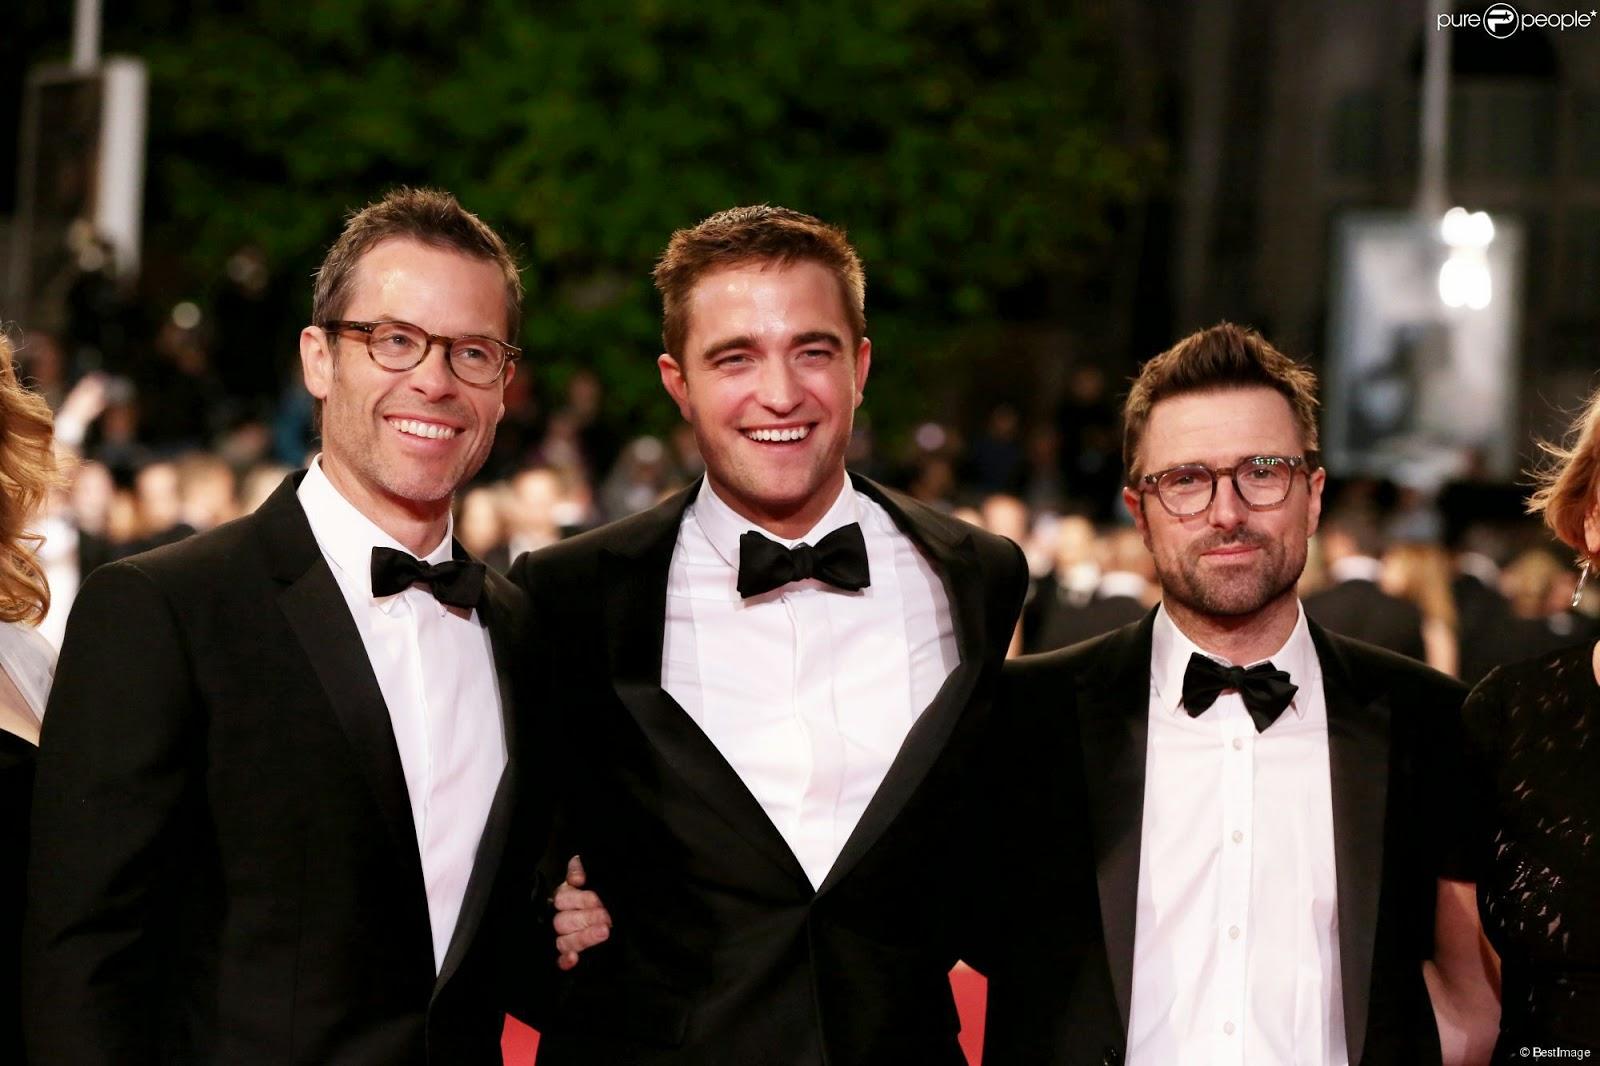 28 Julio - Más de 100 nuevas fotos de Cannes 2014!!! 4RLJn0GK